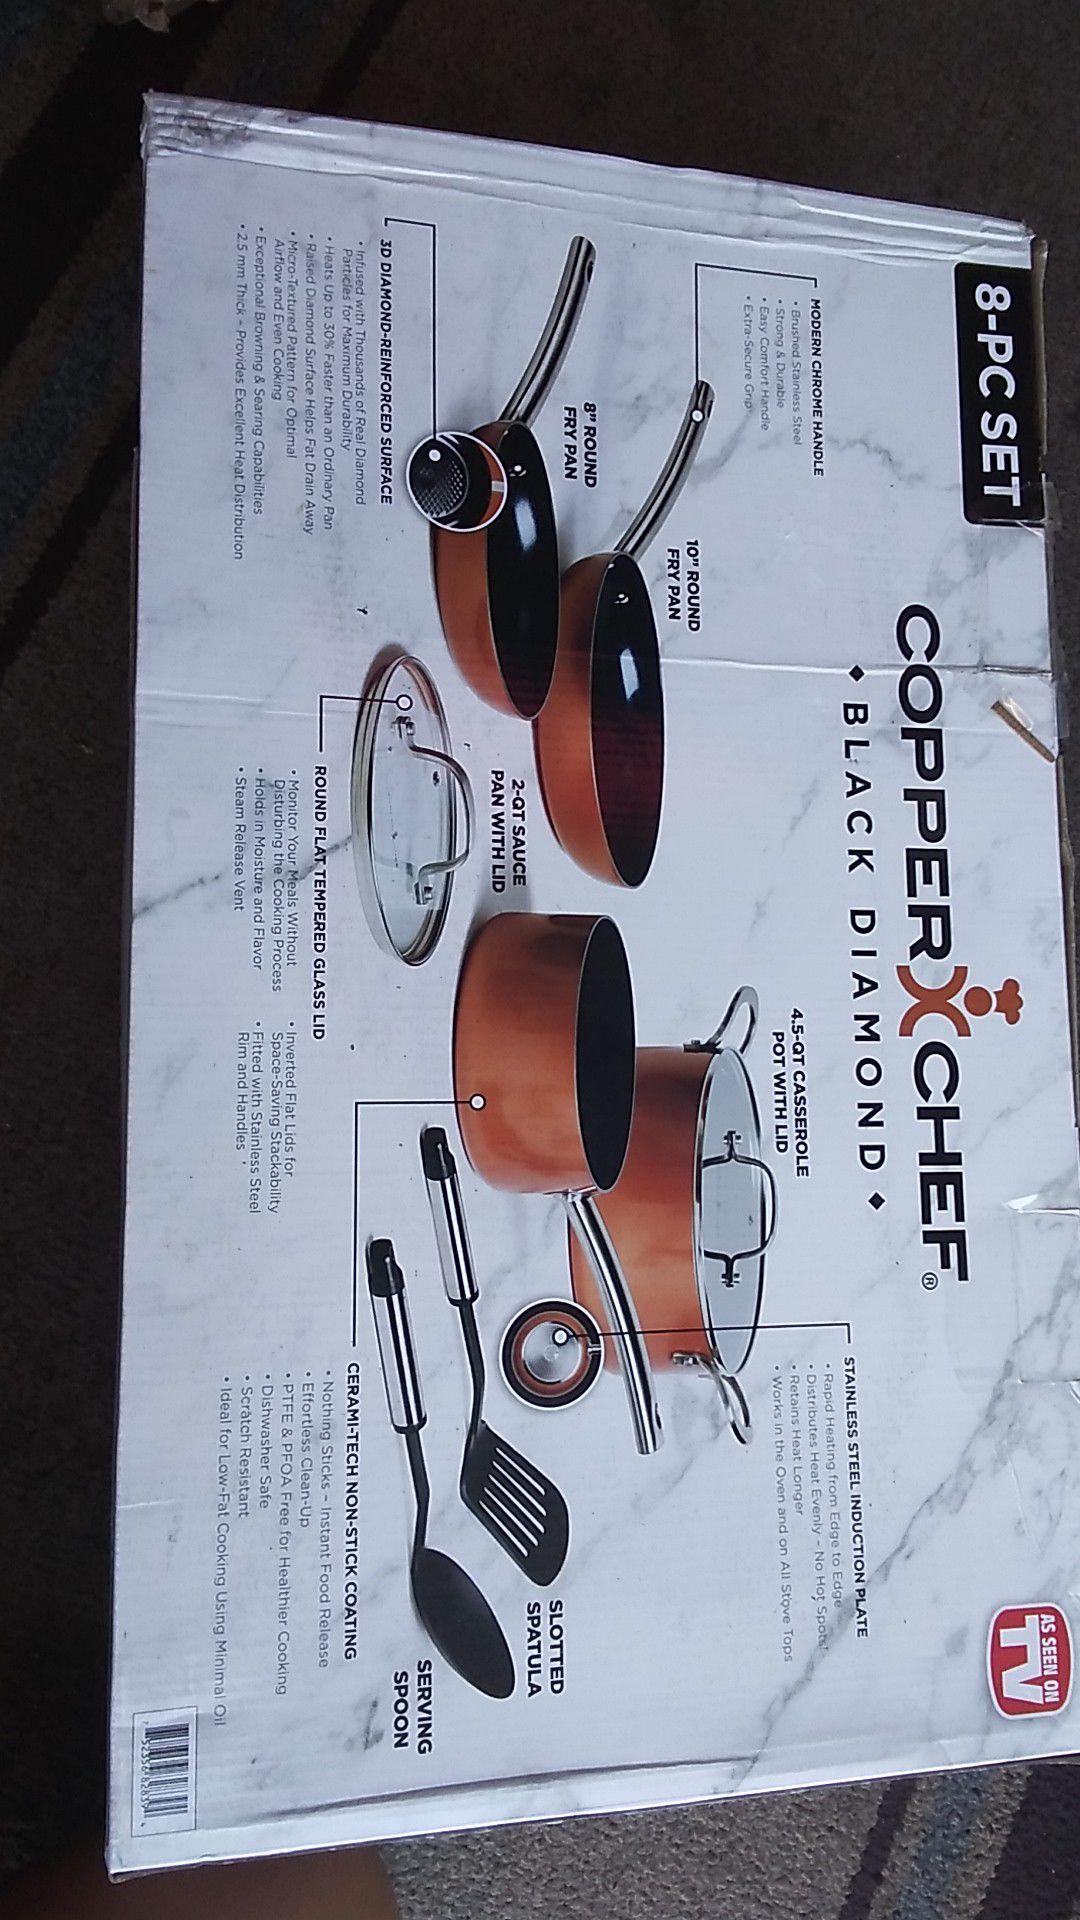 Copper Chef Black Diamond 8 Piece set